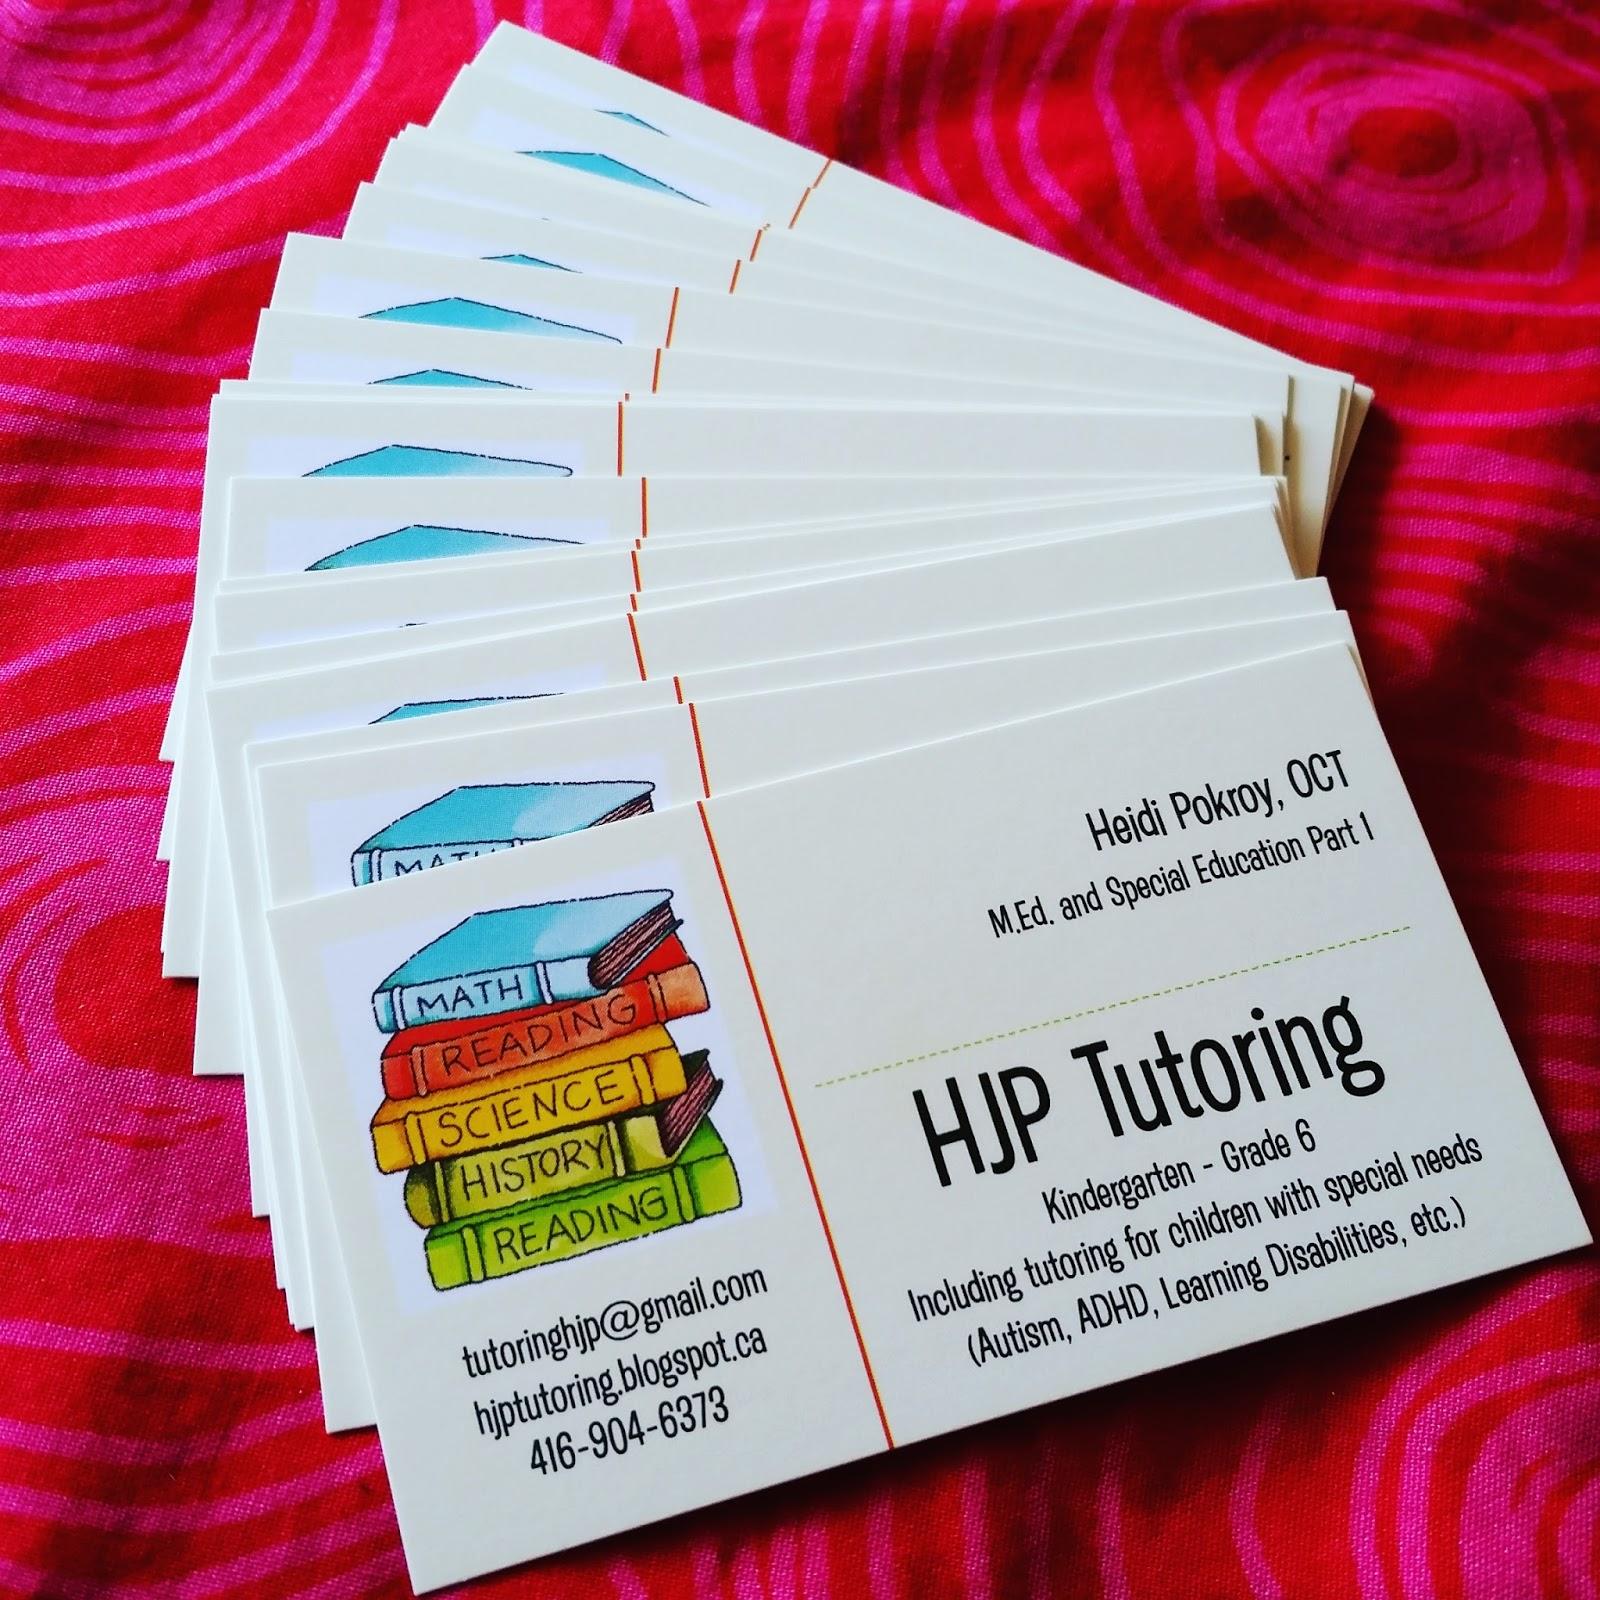 HJP Tutoring: New Business Cards Have Arrived!!!!